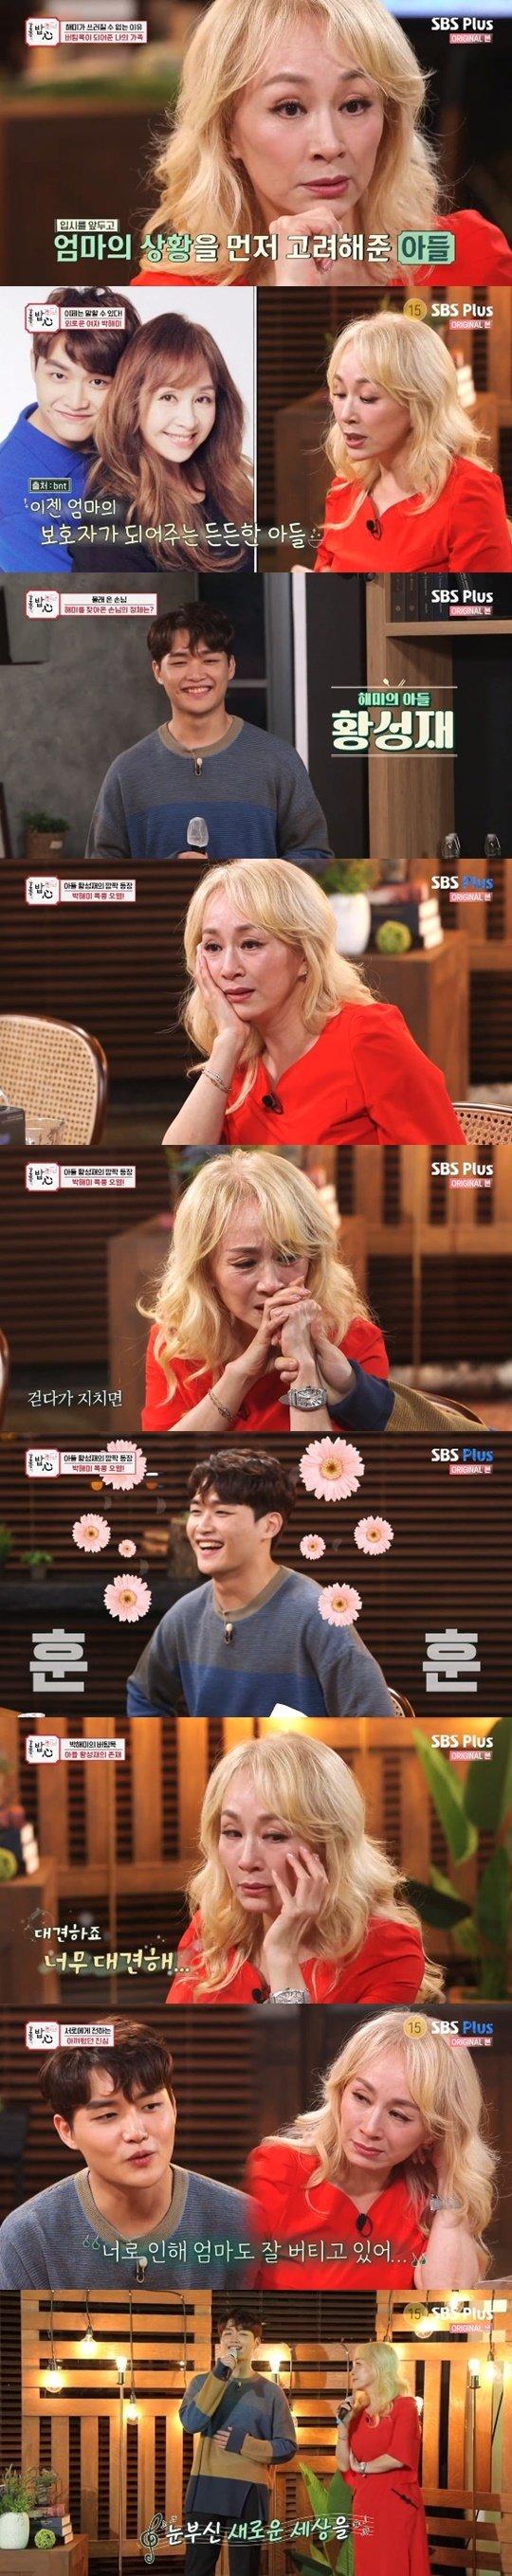 SBS Plus '밥은 먹고 다니냐-강호동의 밥心' © 뉴스1